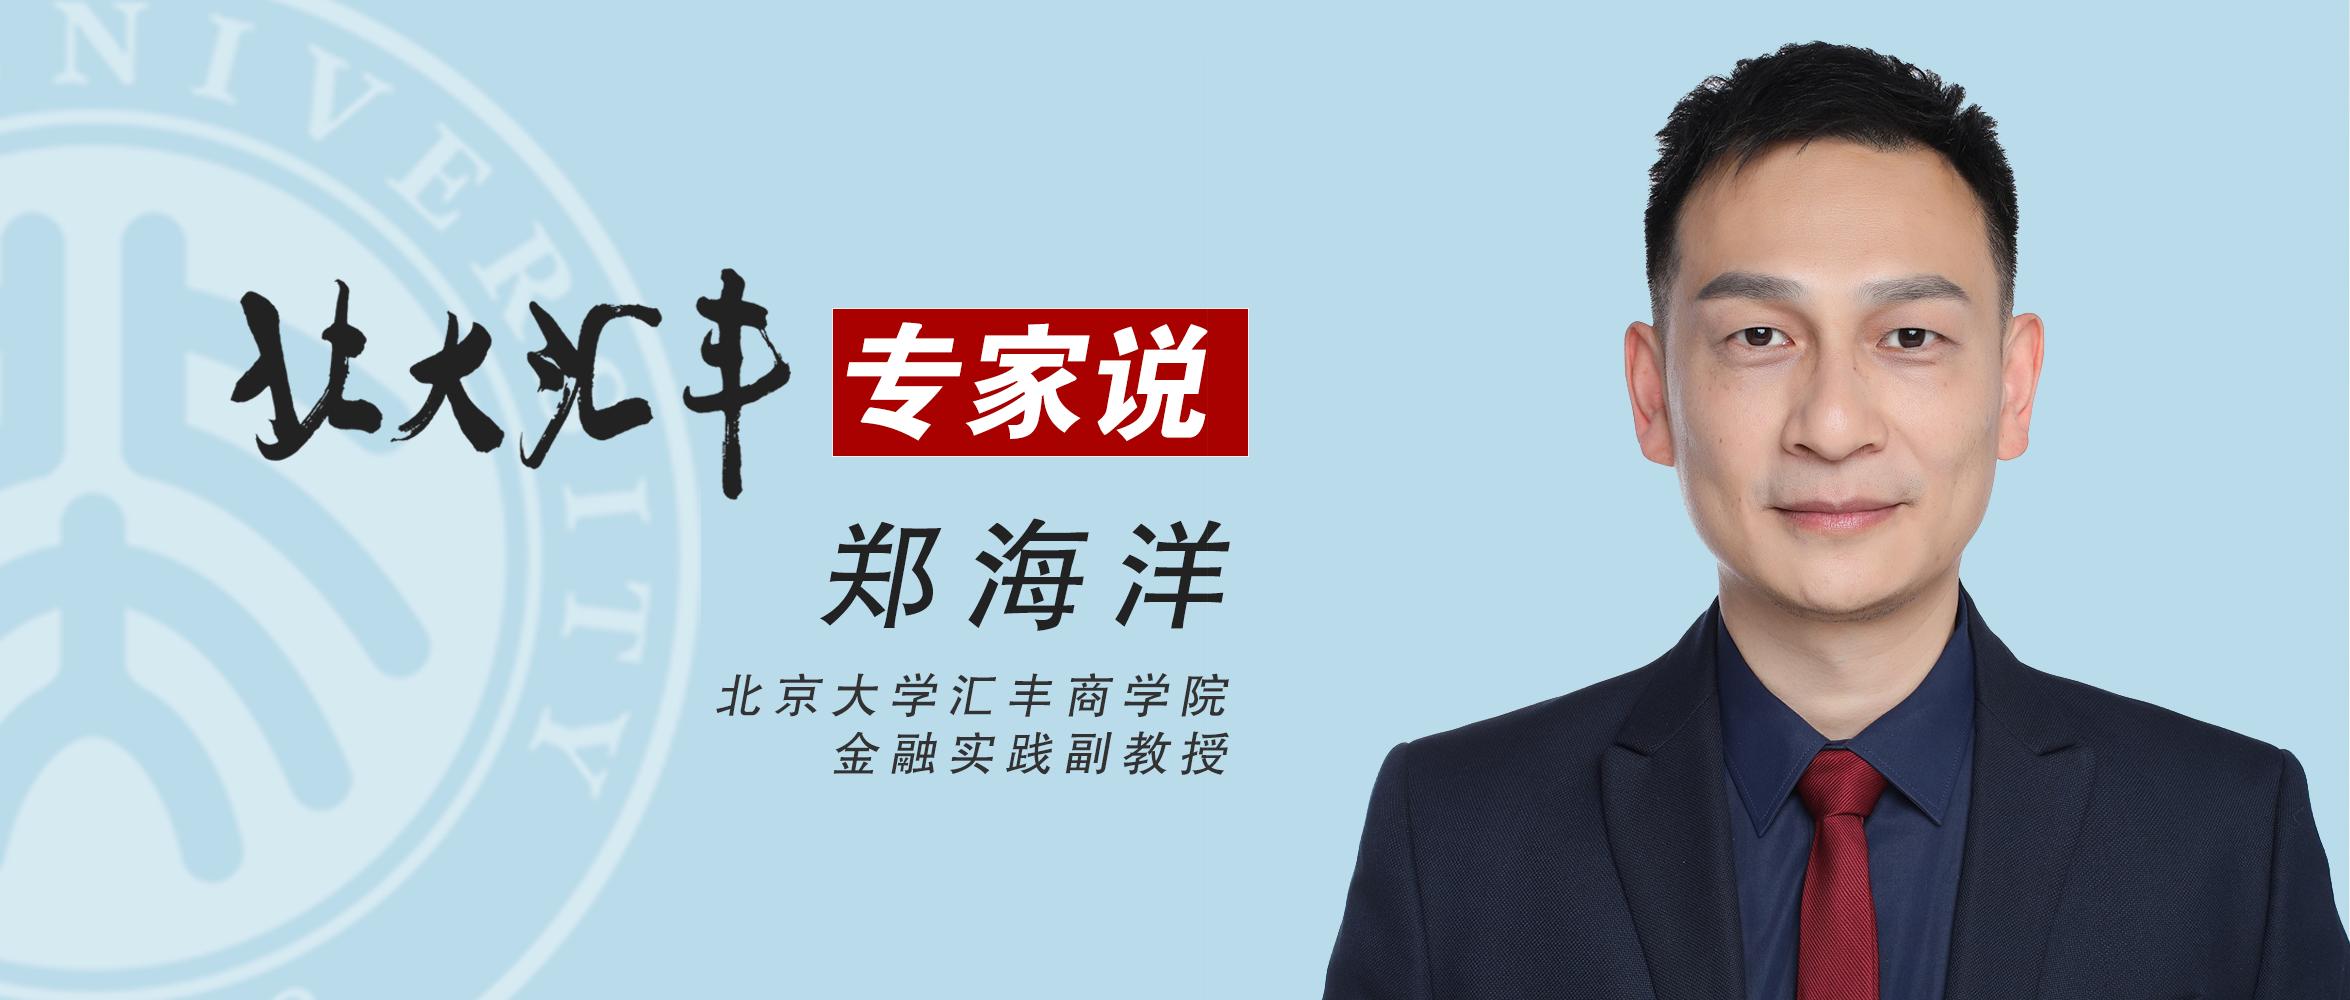 【深圳商报】郑海洋:数字人民币与移动支付有很大不同